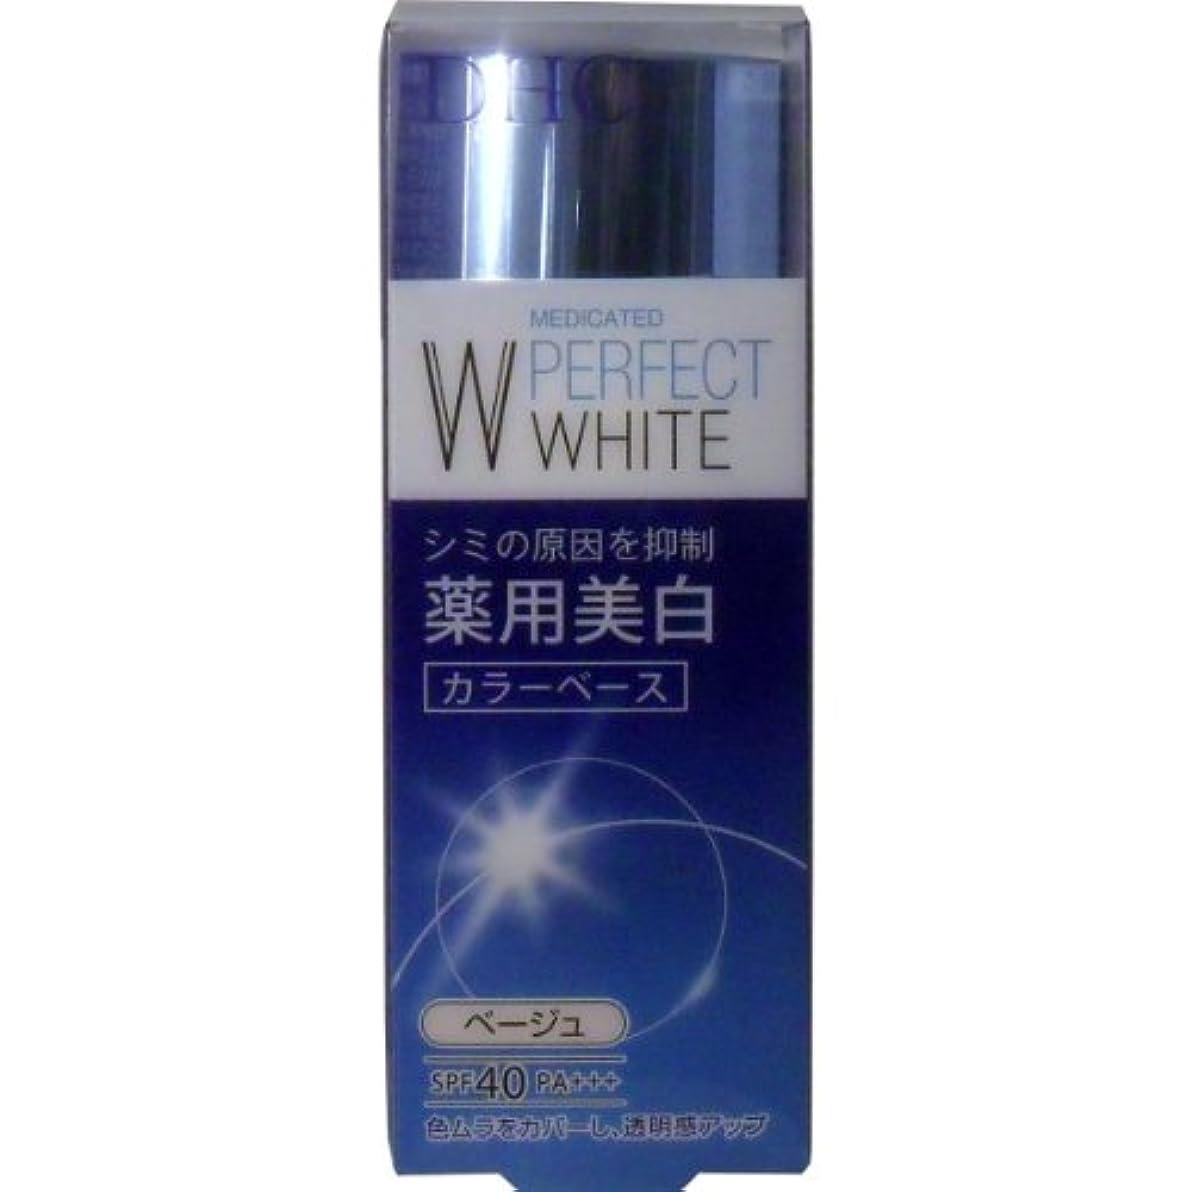 カメラセーター新しい意味DHC 薬用美白パーフェクトホワイト カラーベース ベージュ 30g (商品内訳:単品1個)